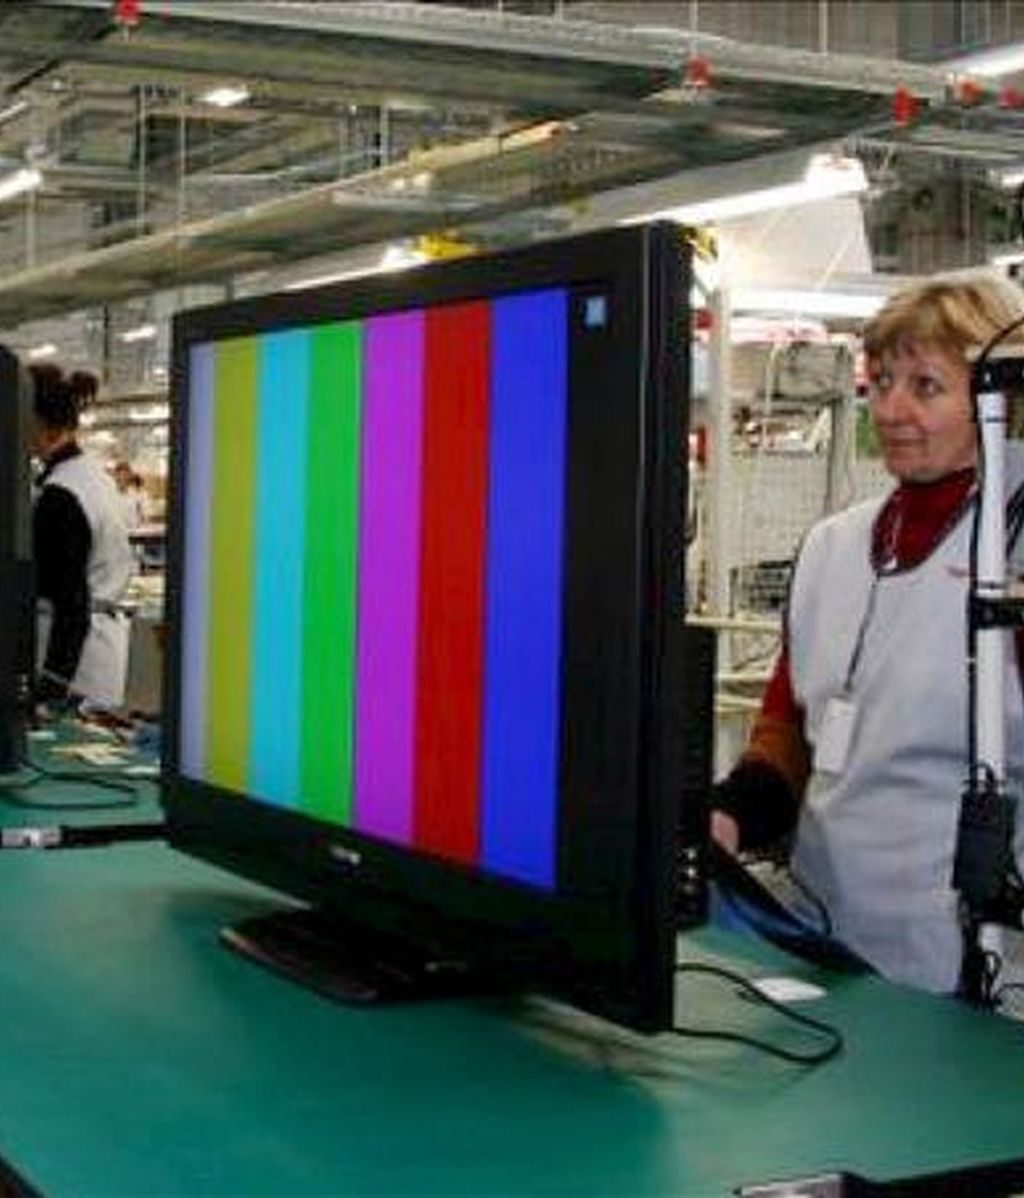 Un trabajadora en una cadena de montaje de Toshiba. EFE/Archivo